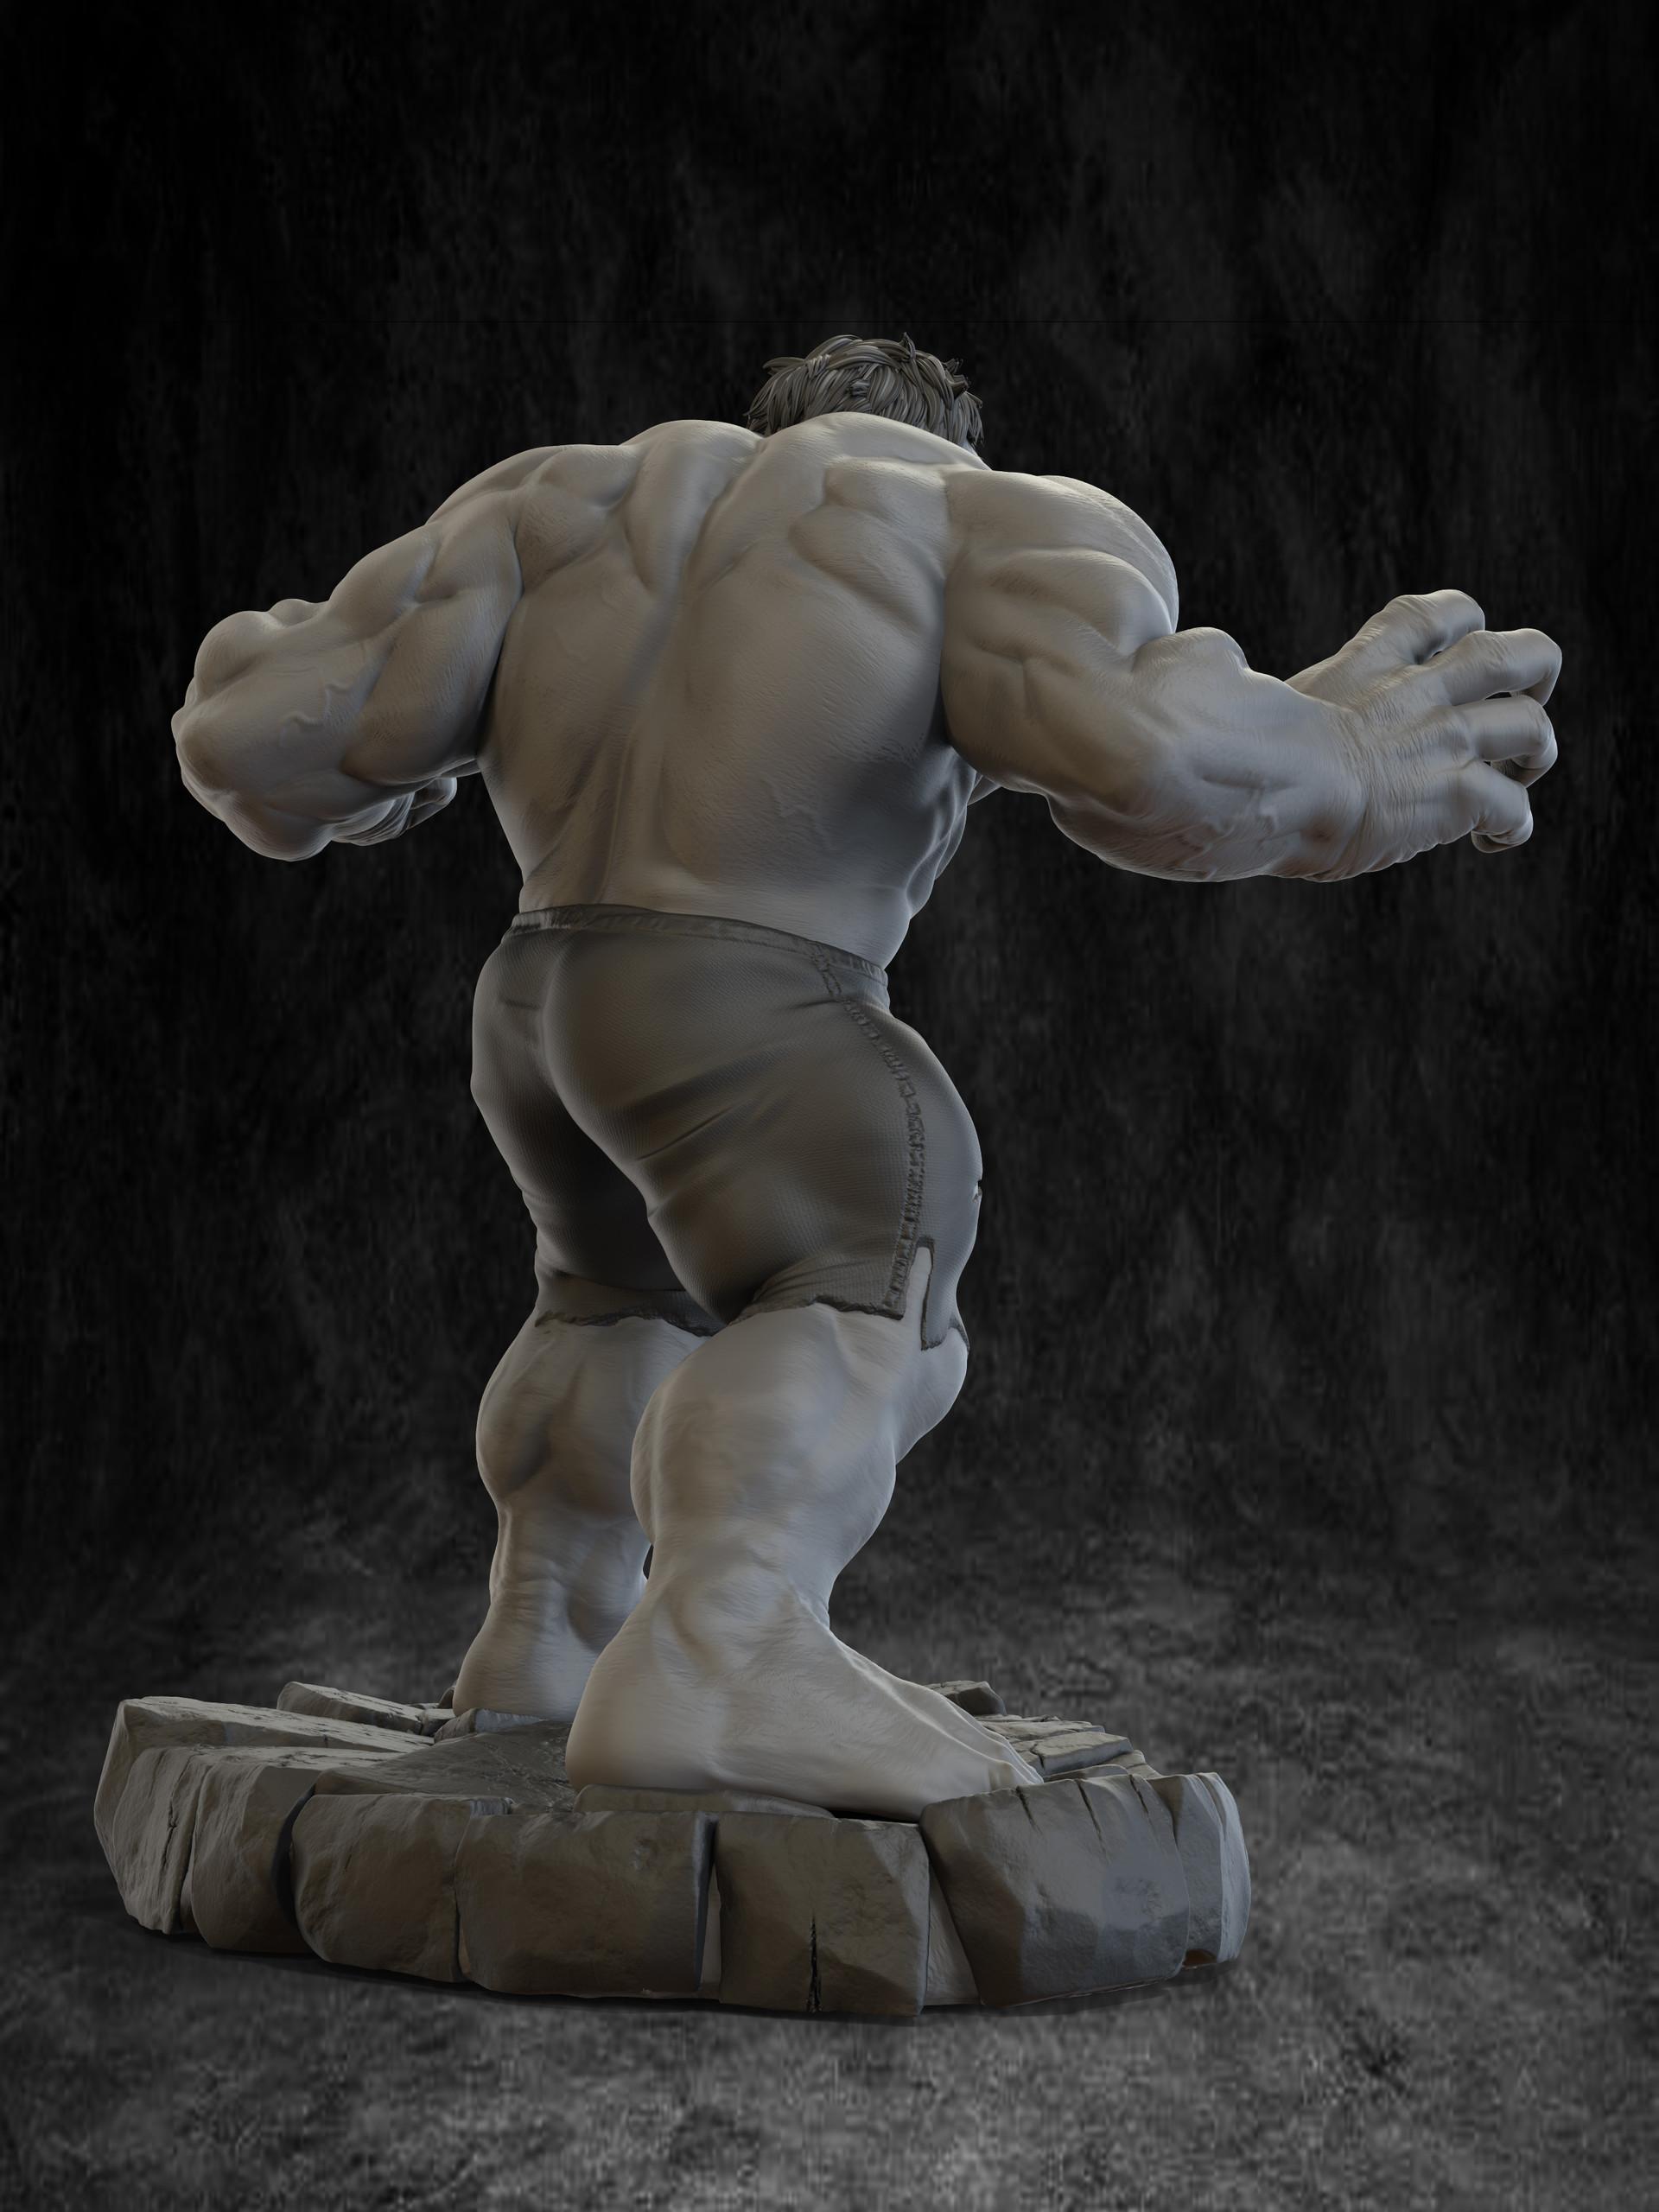 Will higgins hulk 07